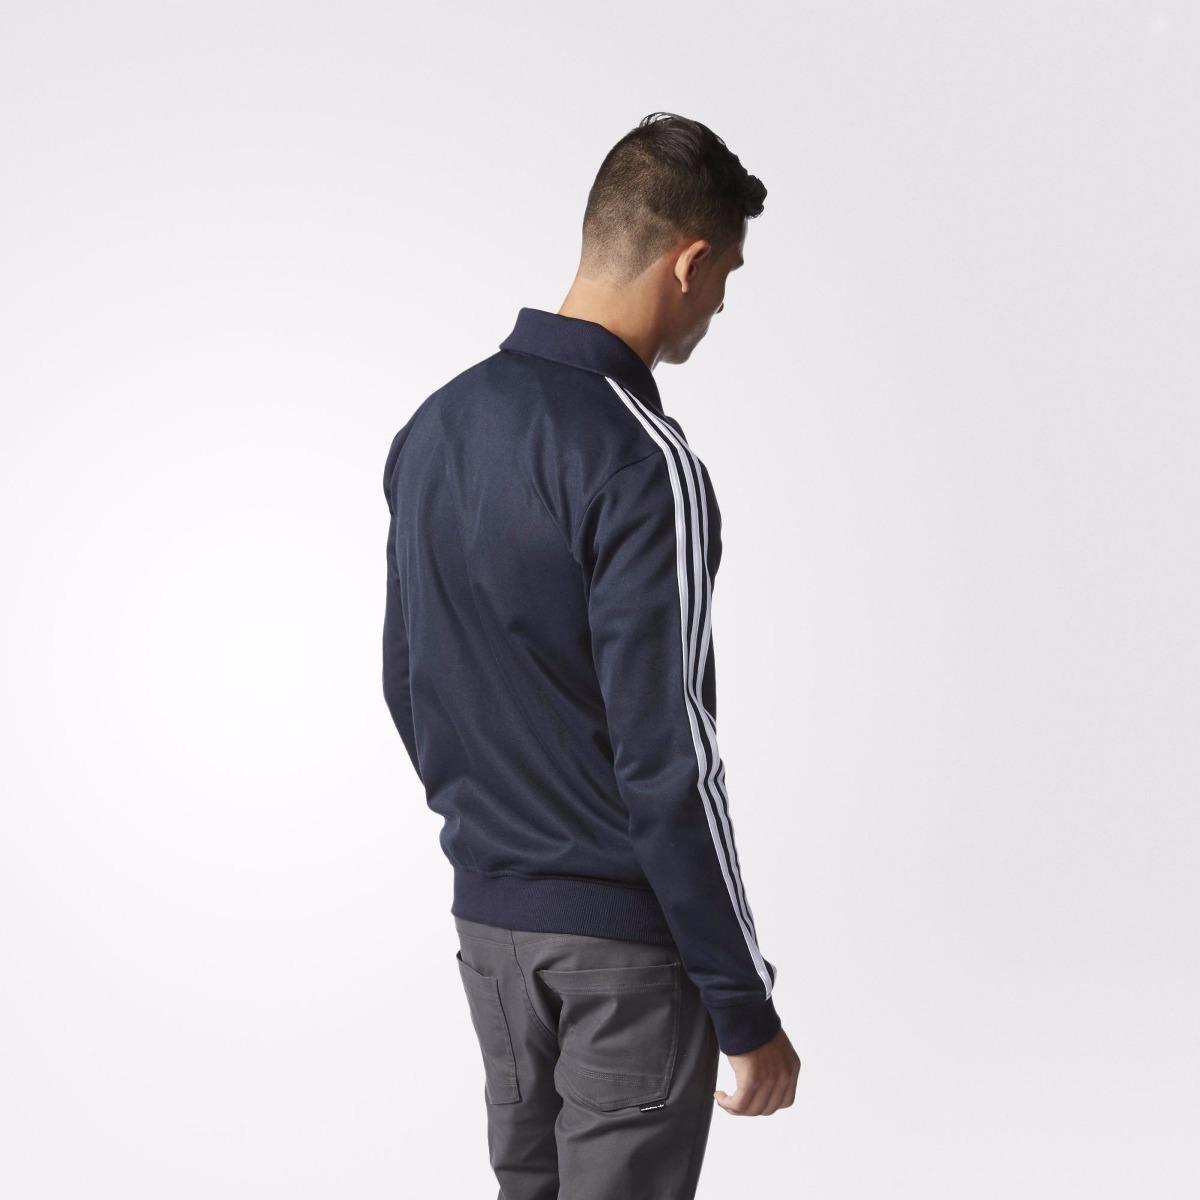 get cheap exquisite design thoughts on Sudadera Atletica Originals Beckenbauer Hombre adidas Aj6952